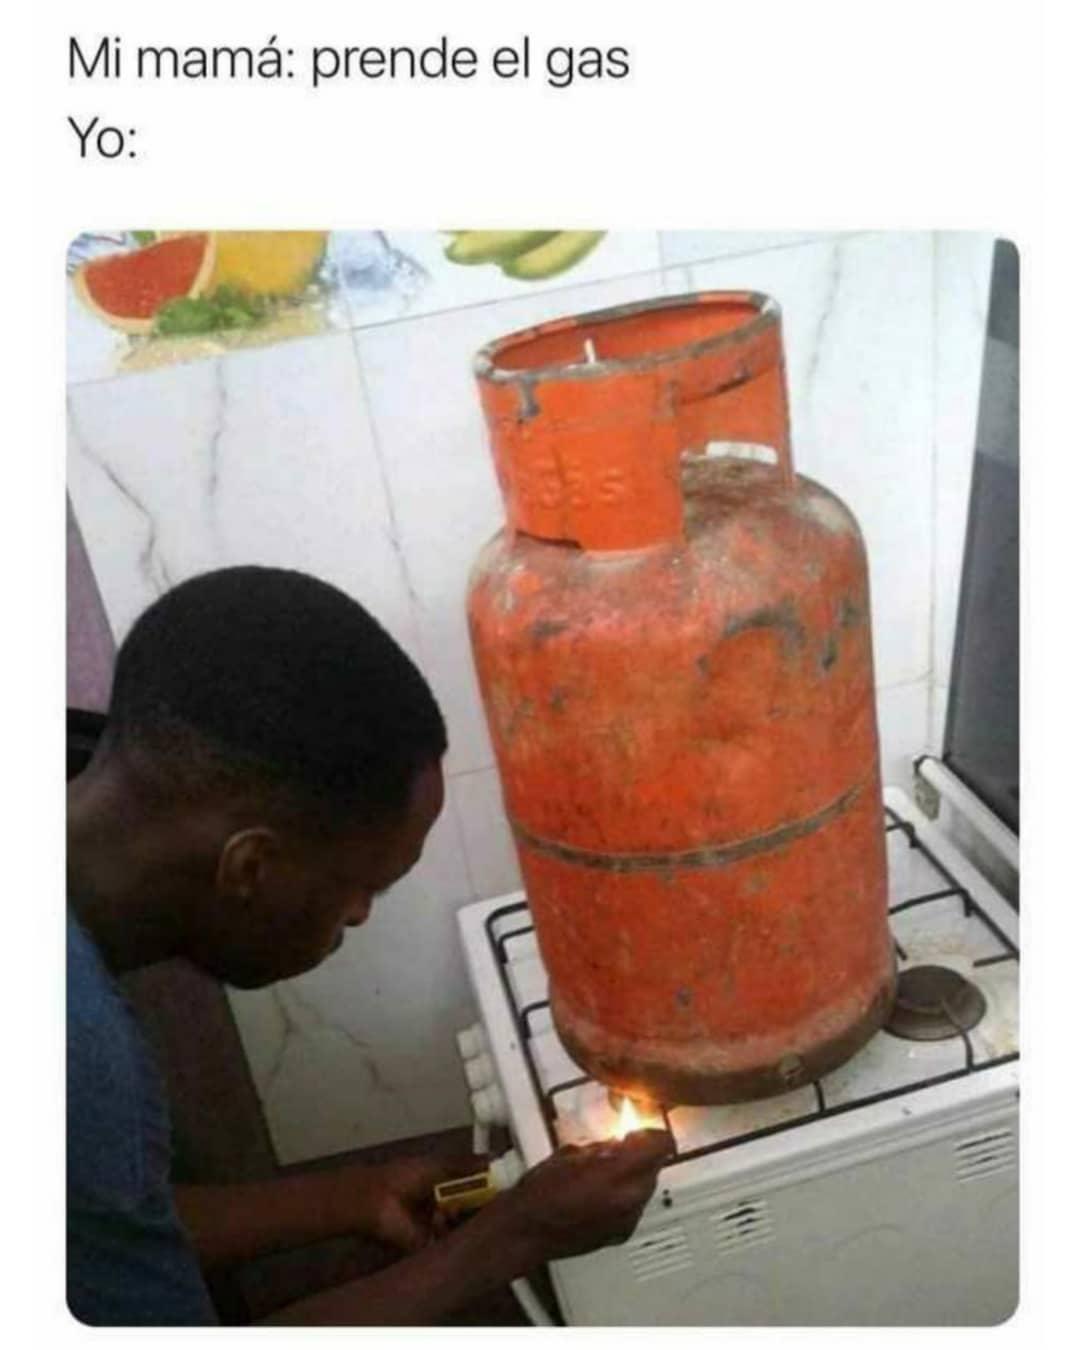 Mi mamá: Prende el gas.  Yo: